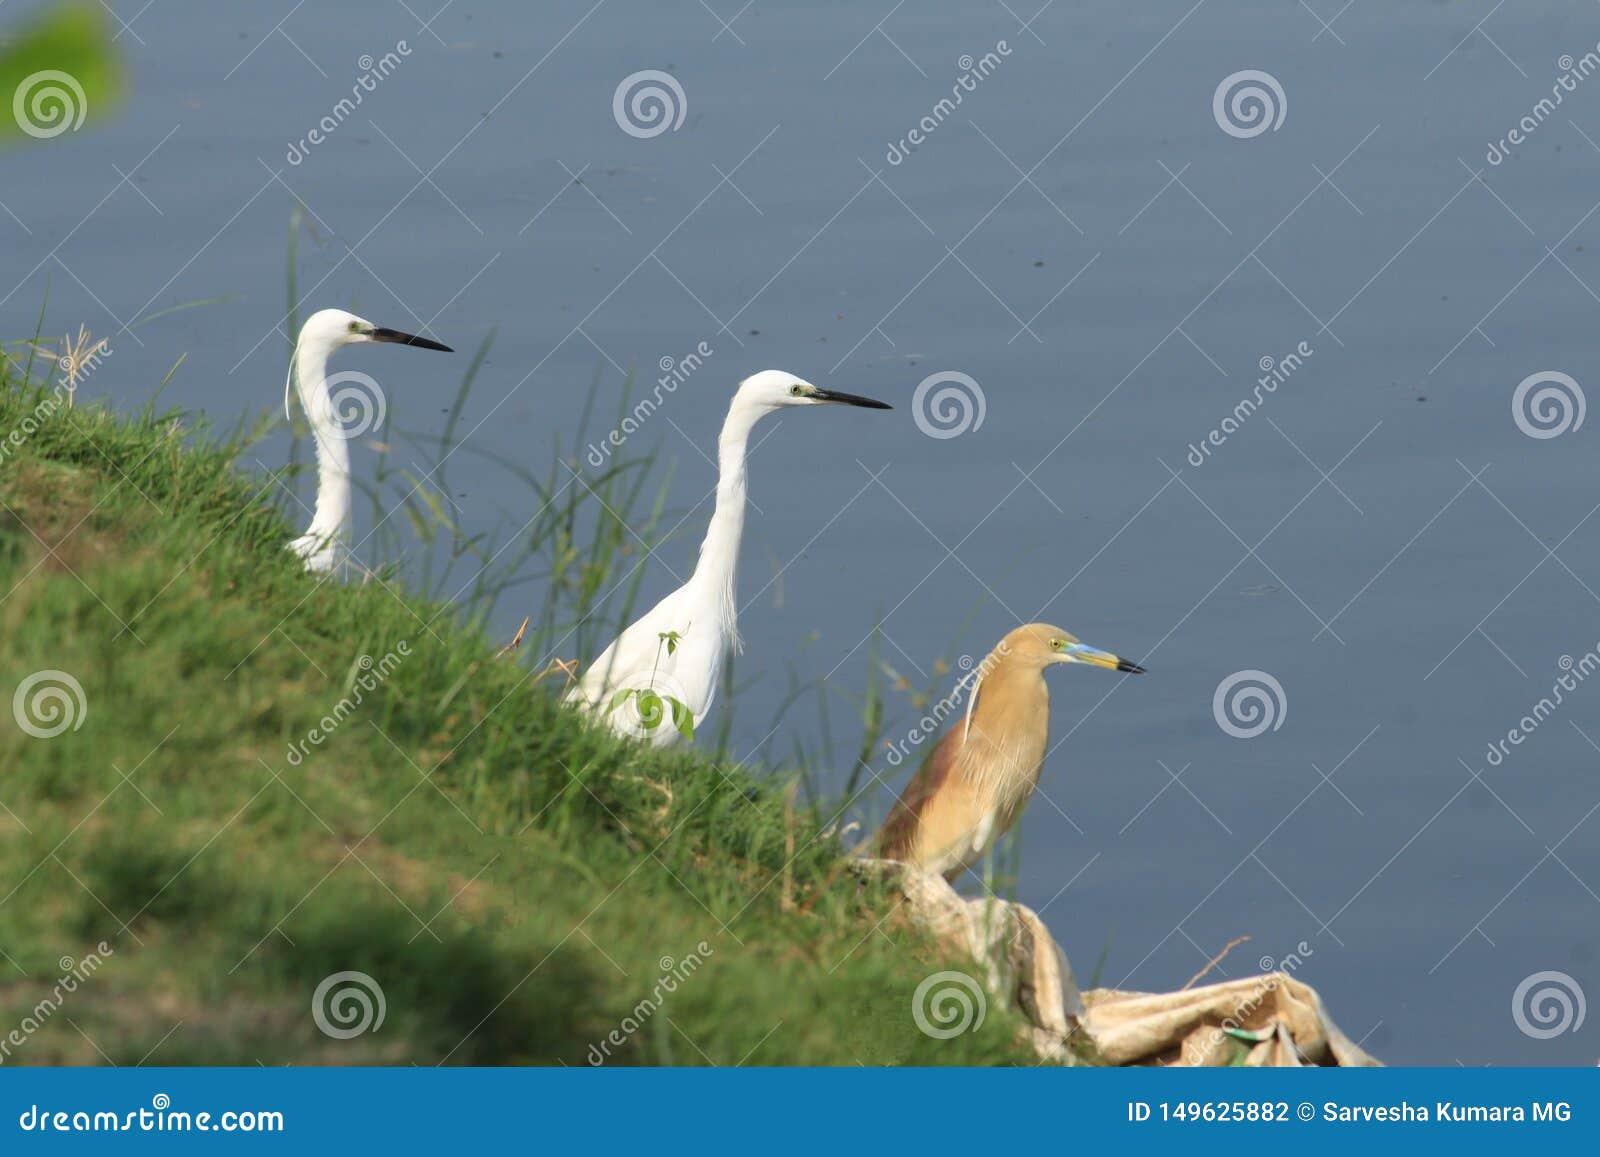 Concentratiekamp van vogels bij een baai